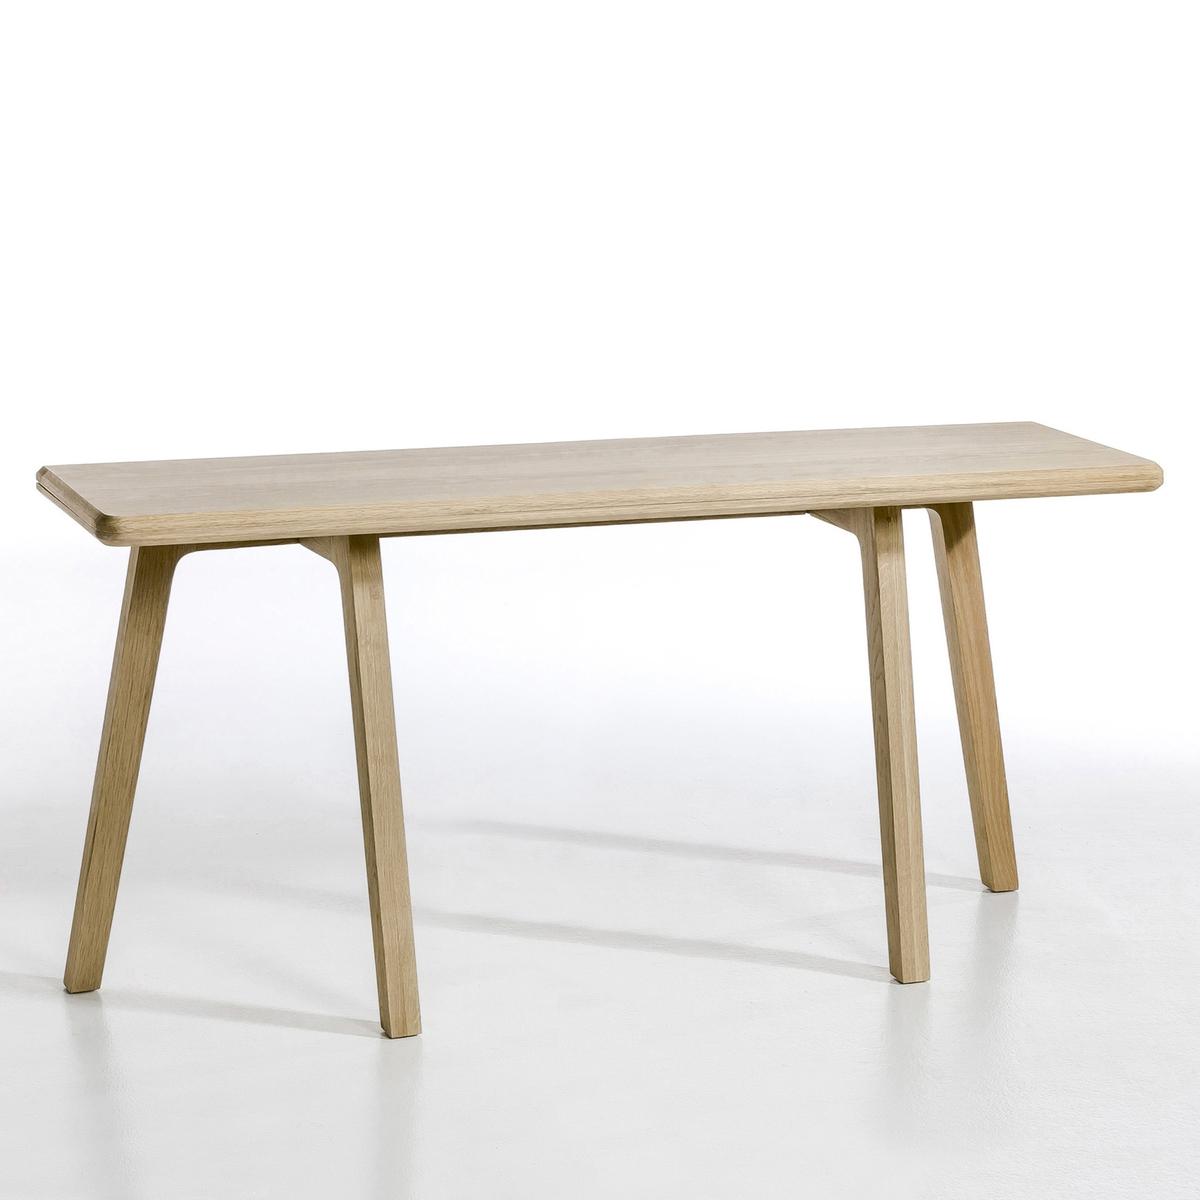 Консоль-стол La Redoute Diletta Дл дизайн Э Галлина единый размер каштановый комод bardi дизайн э галлина